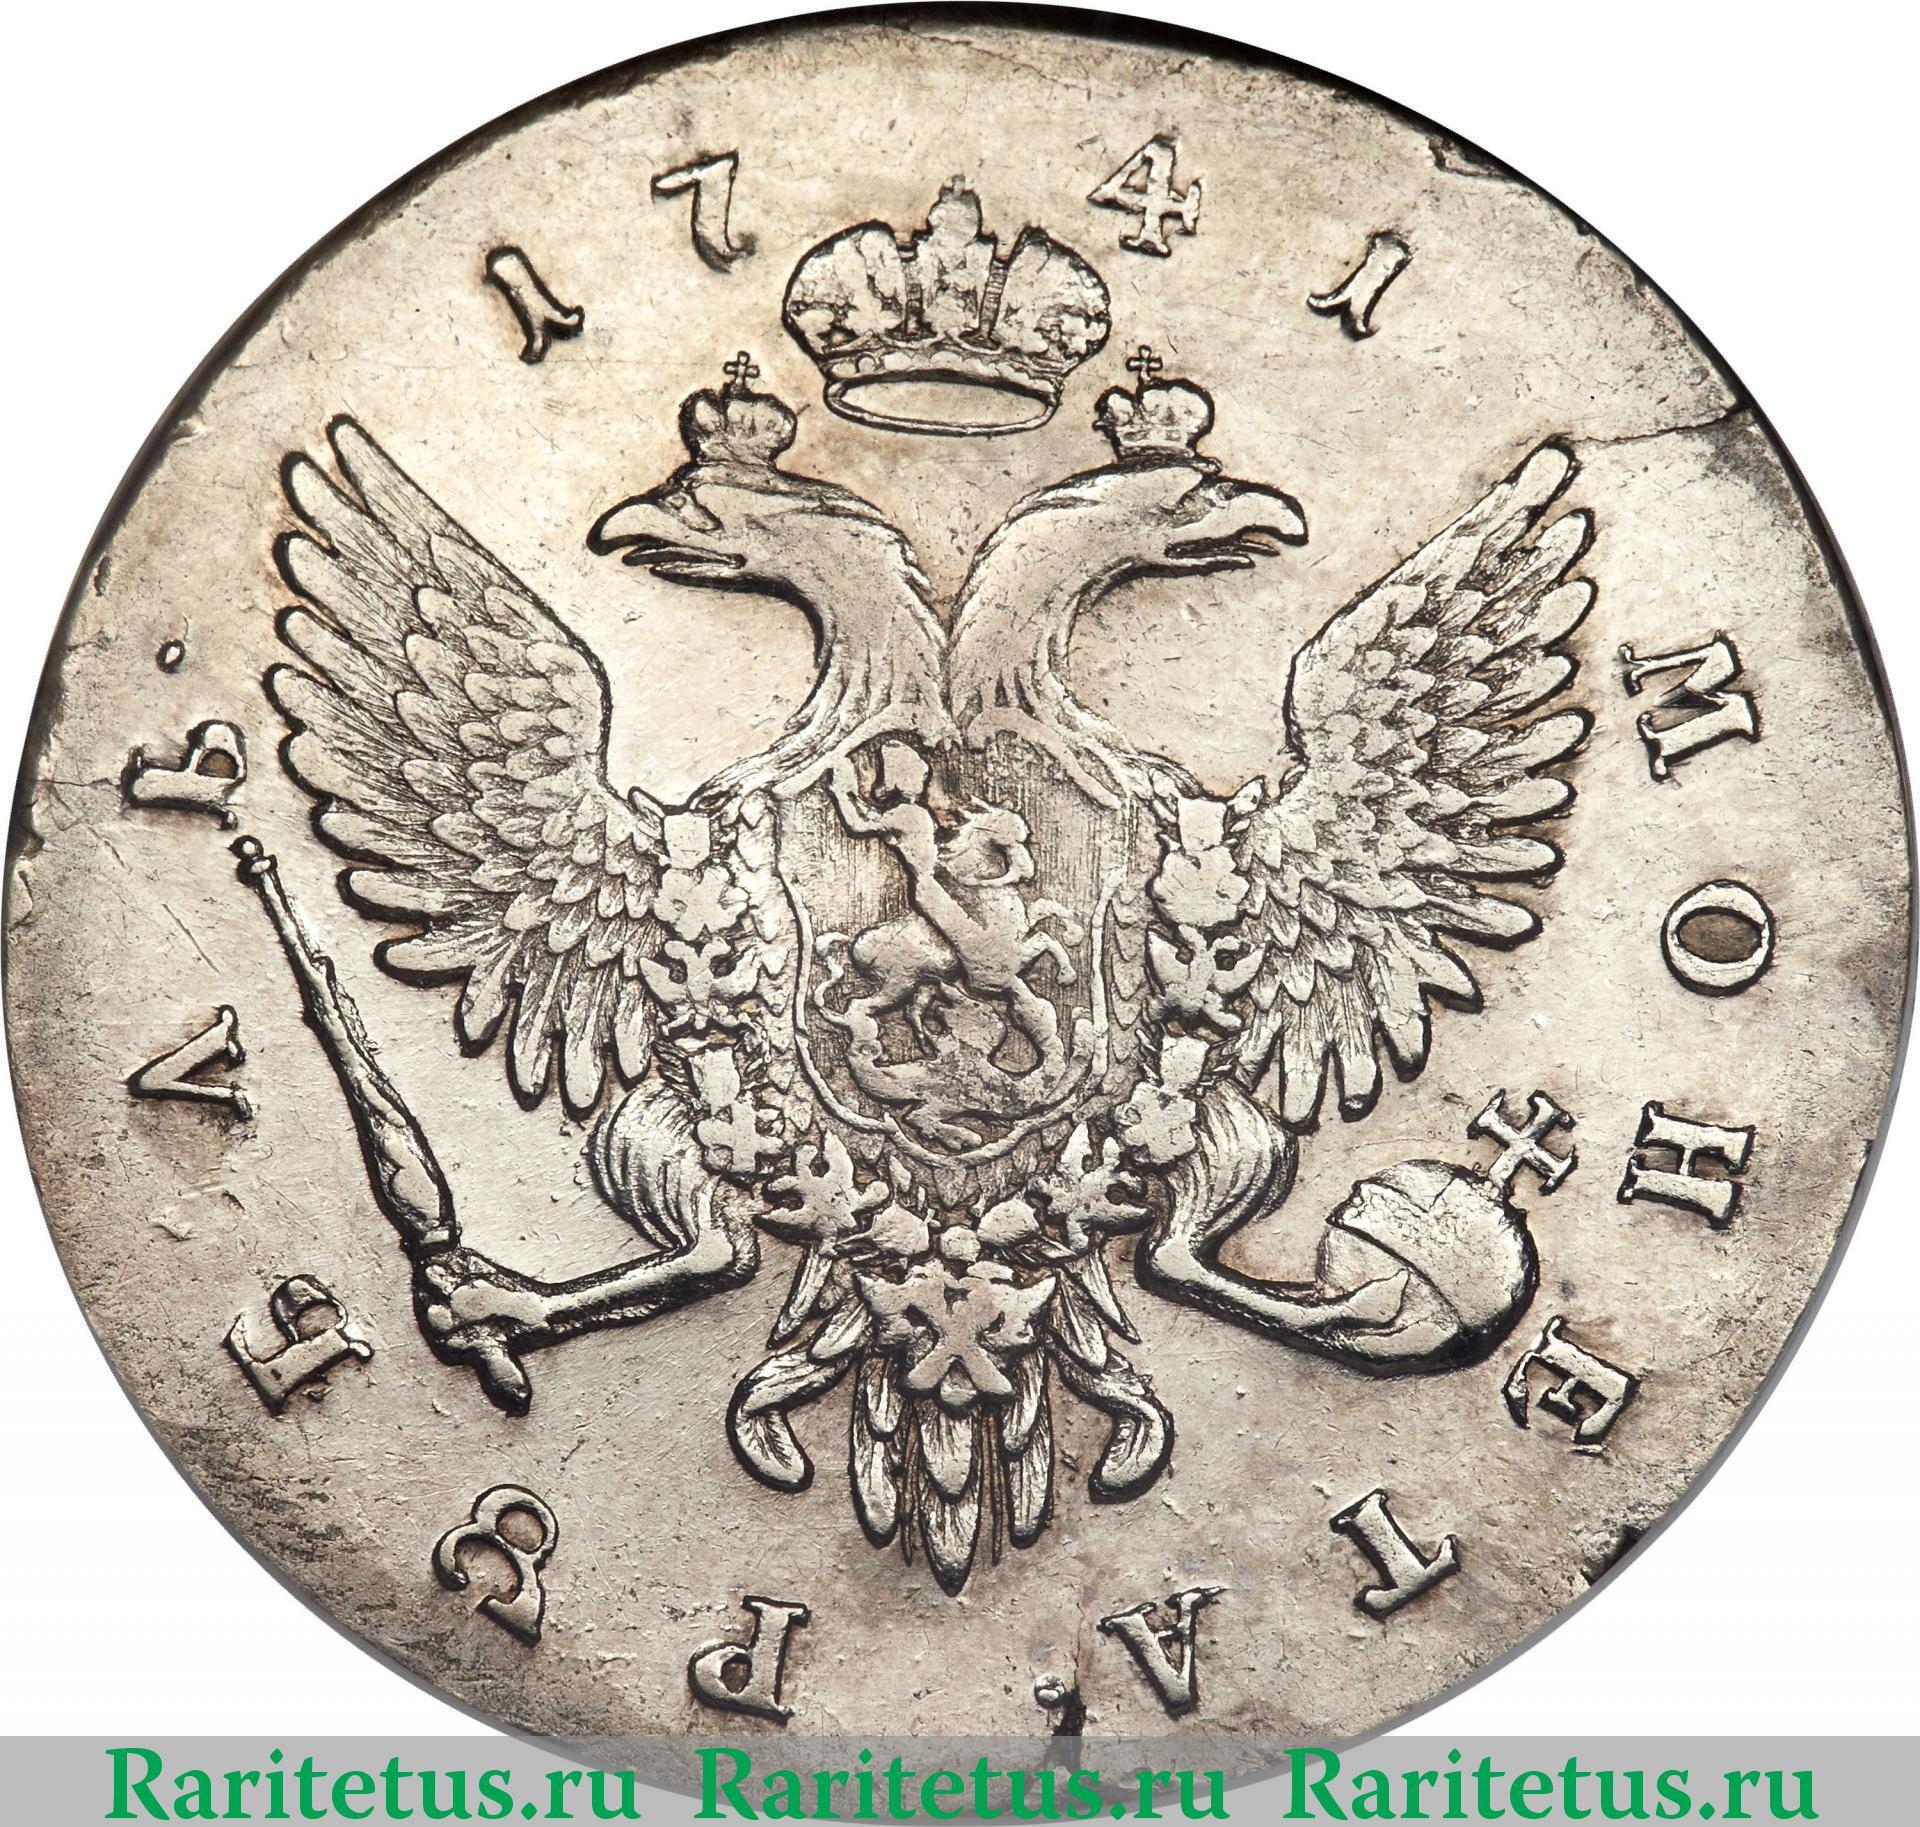 Монета 1 рубль 1741 года цена елизавета оплата монет